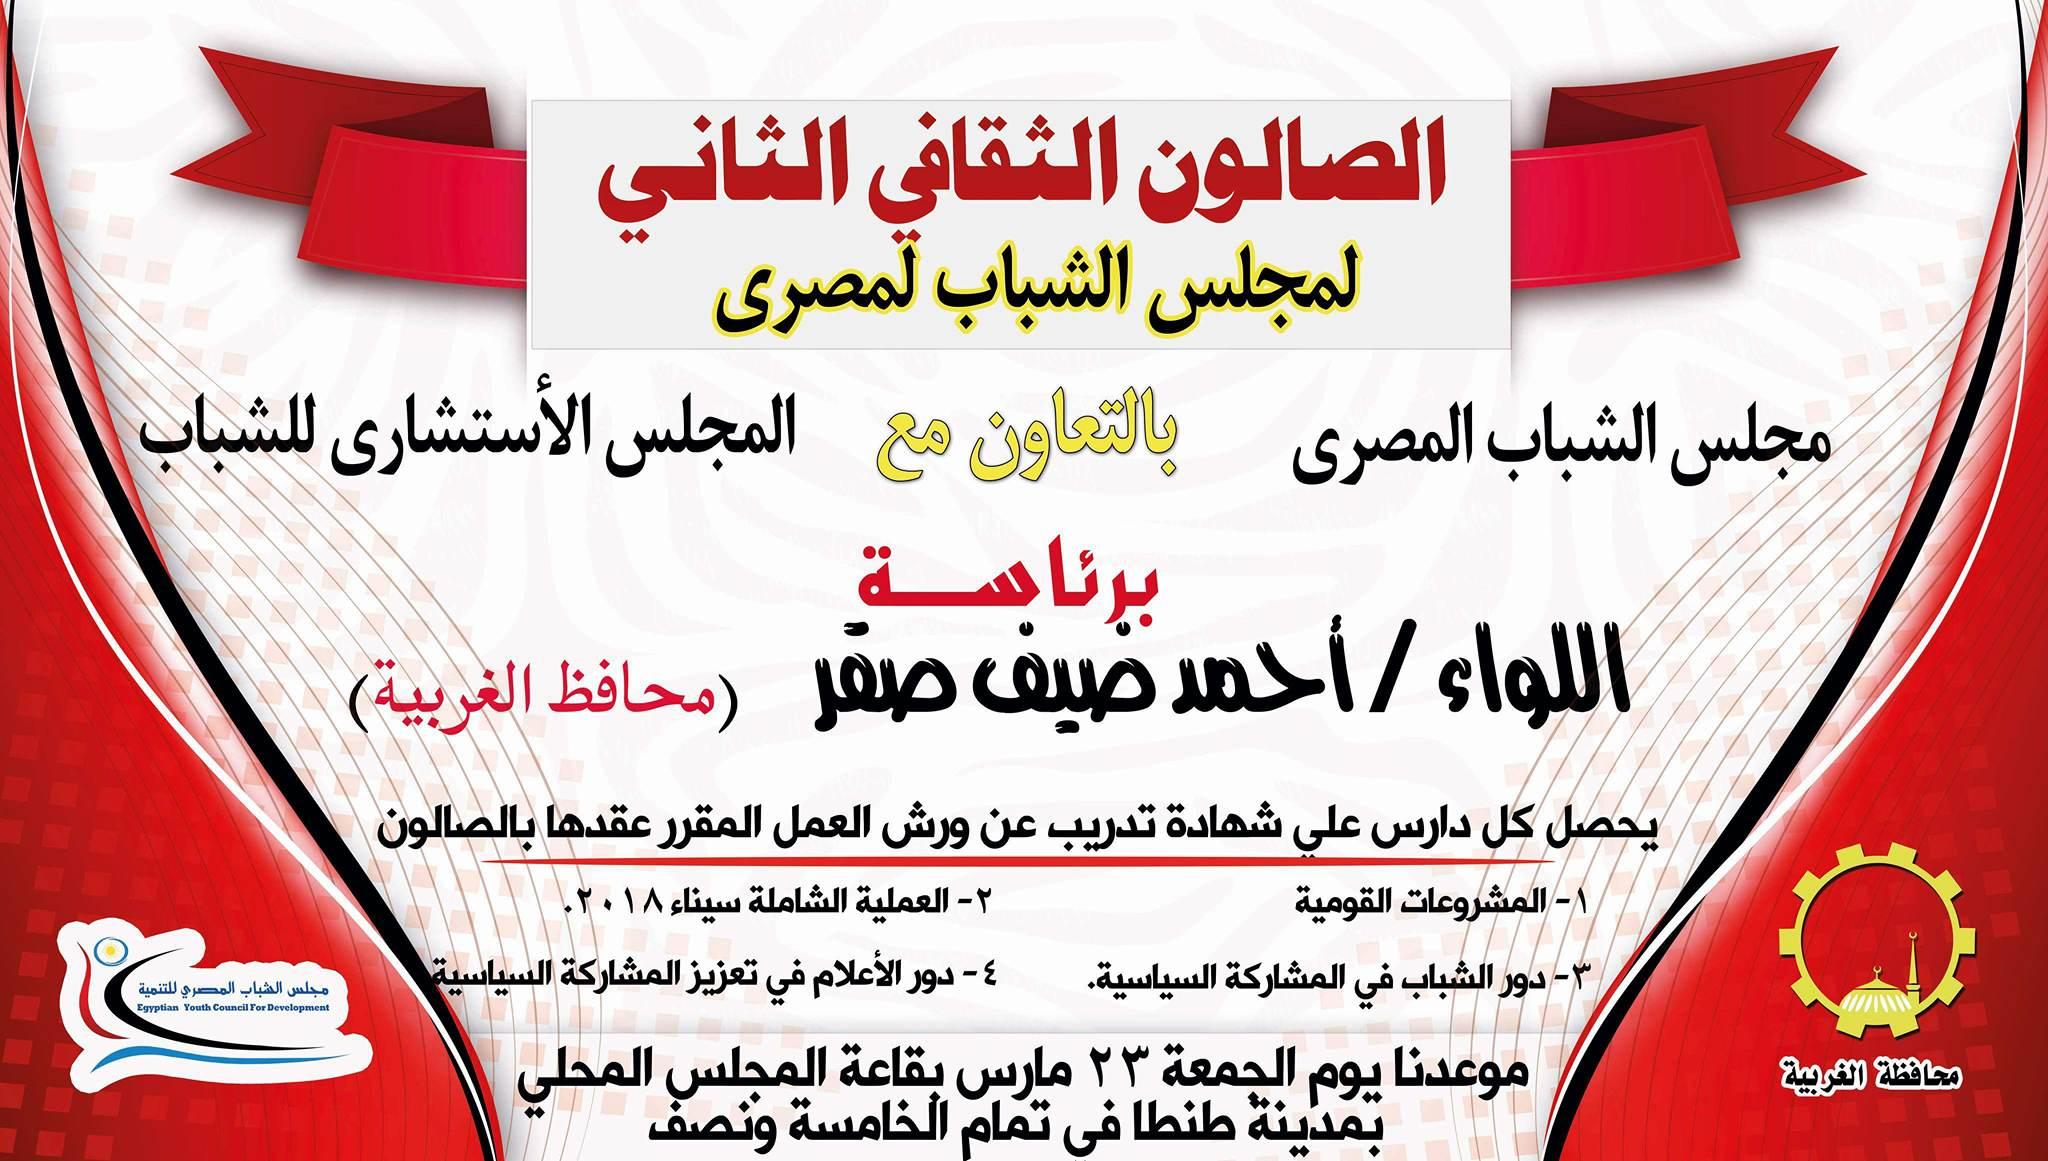 غداً الصالون الثقافى الثانى لمجلس الشباب المصرى بعنوان انزل وشارك بالغربية